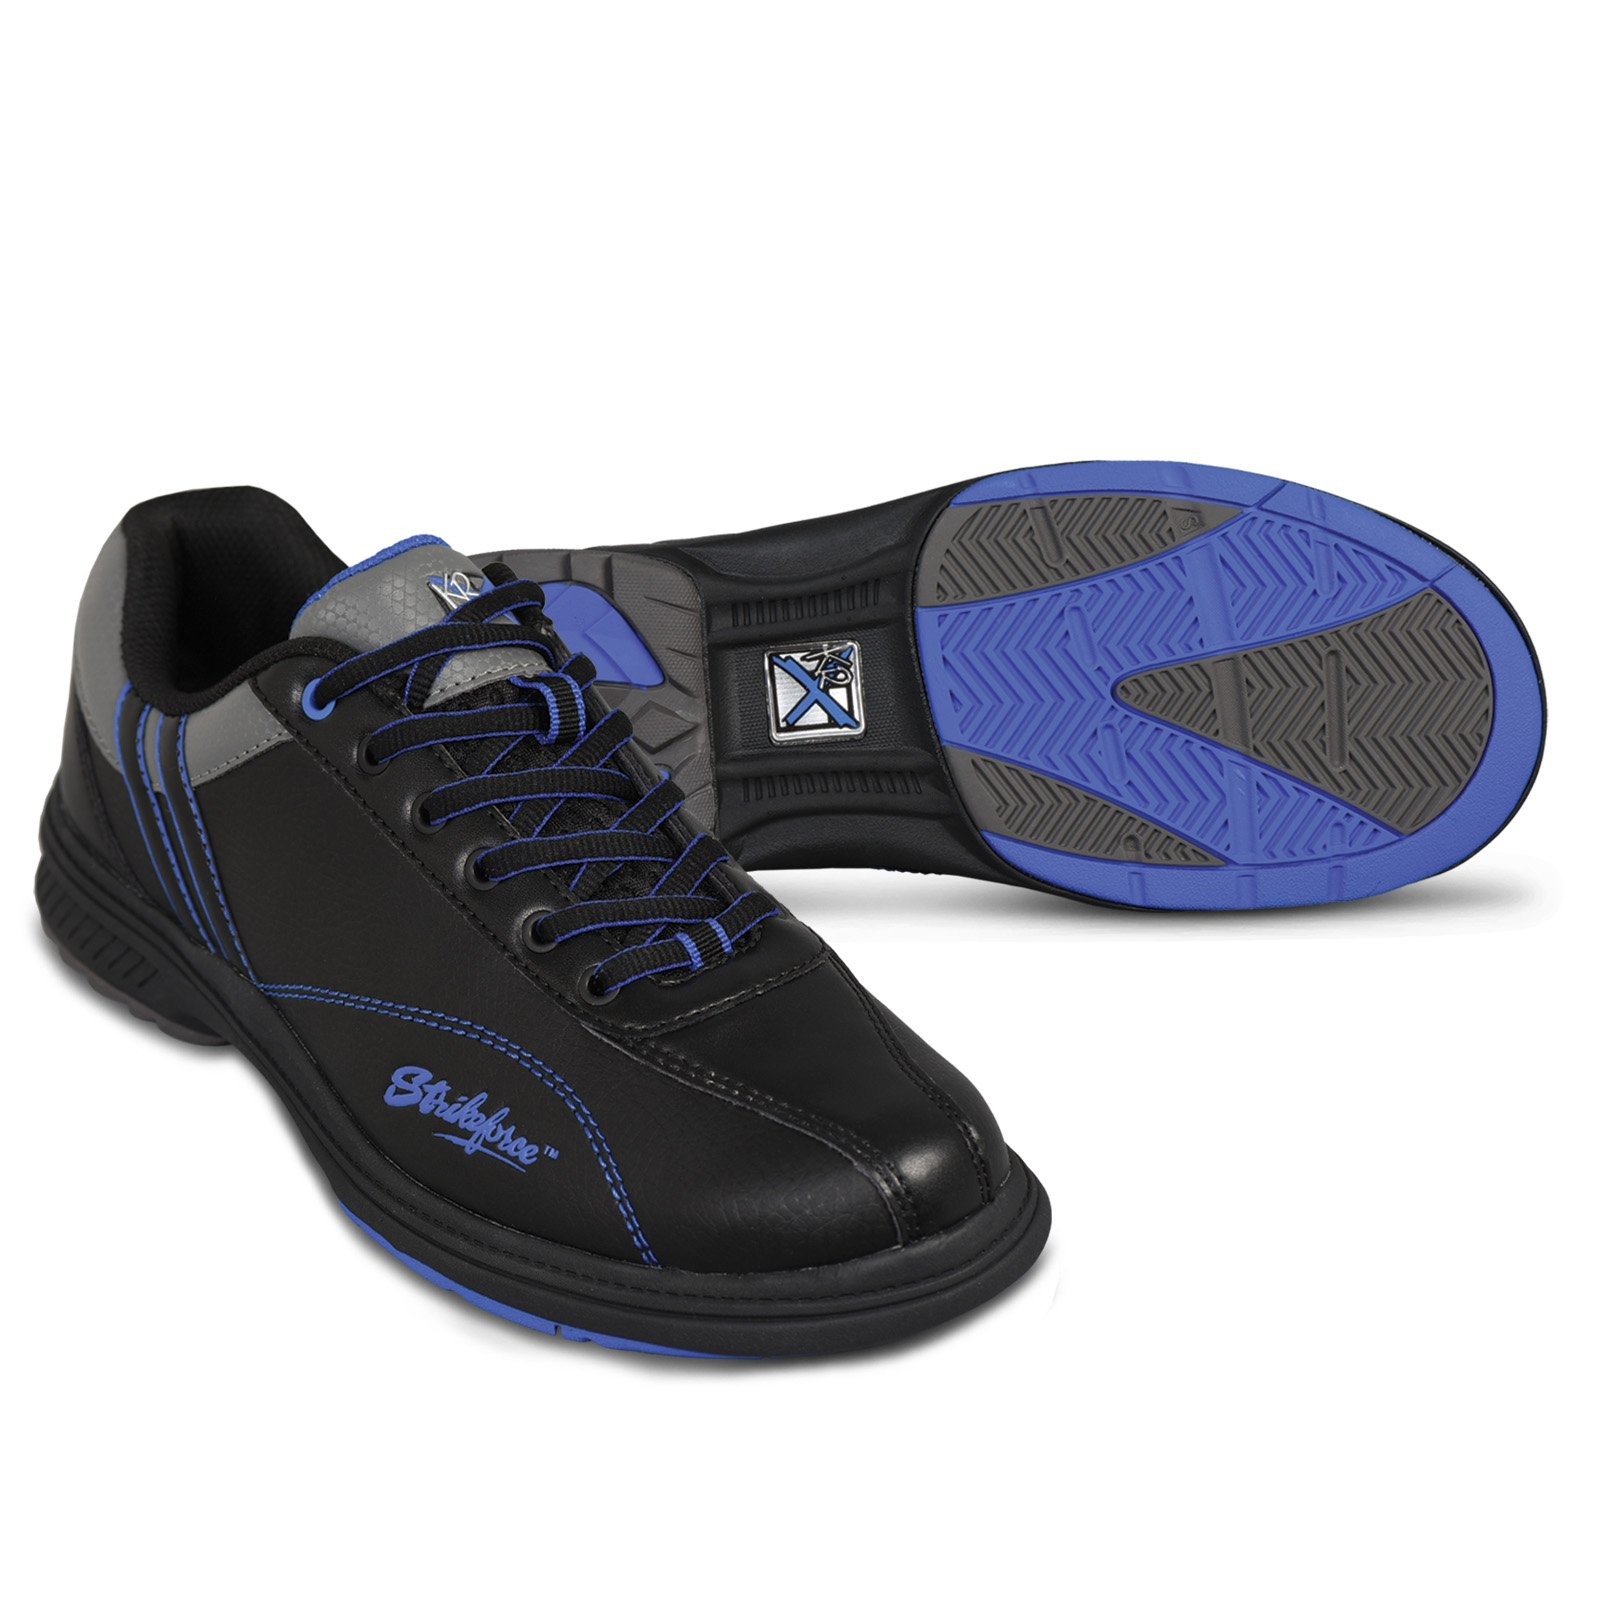 Strikeforce Raptor Left Hand Black/Royal Performance Bowling Shoes Men's Size 7